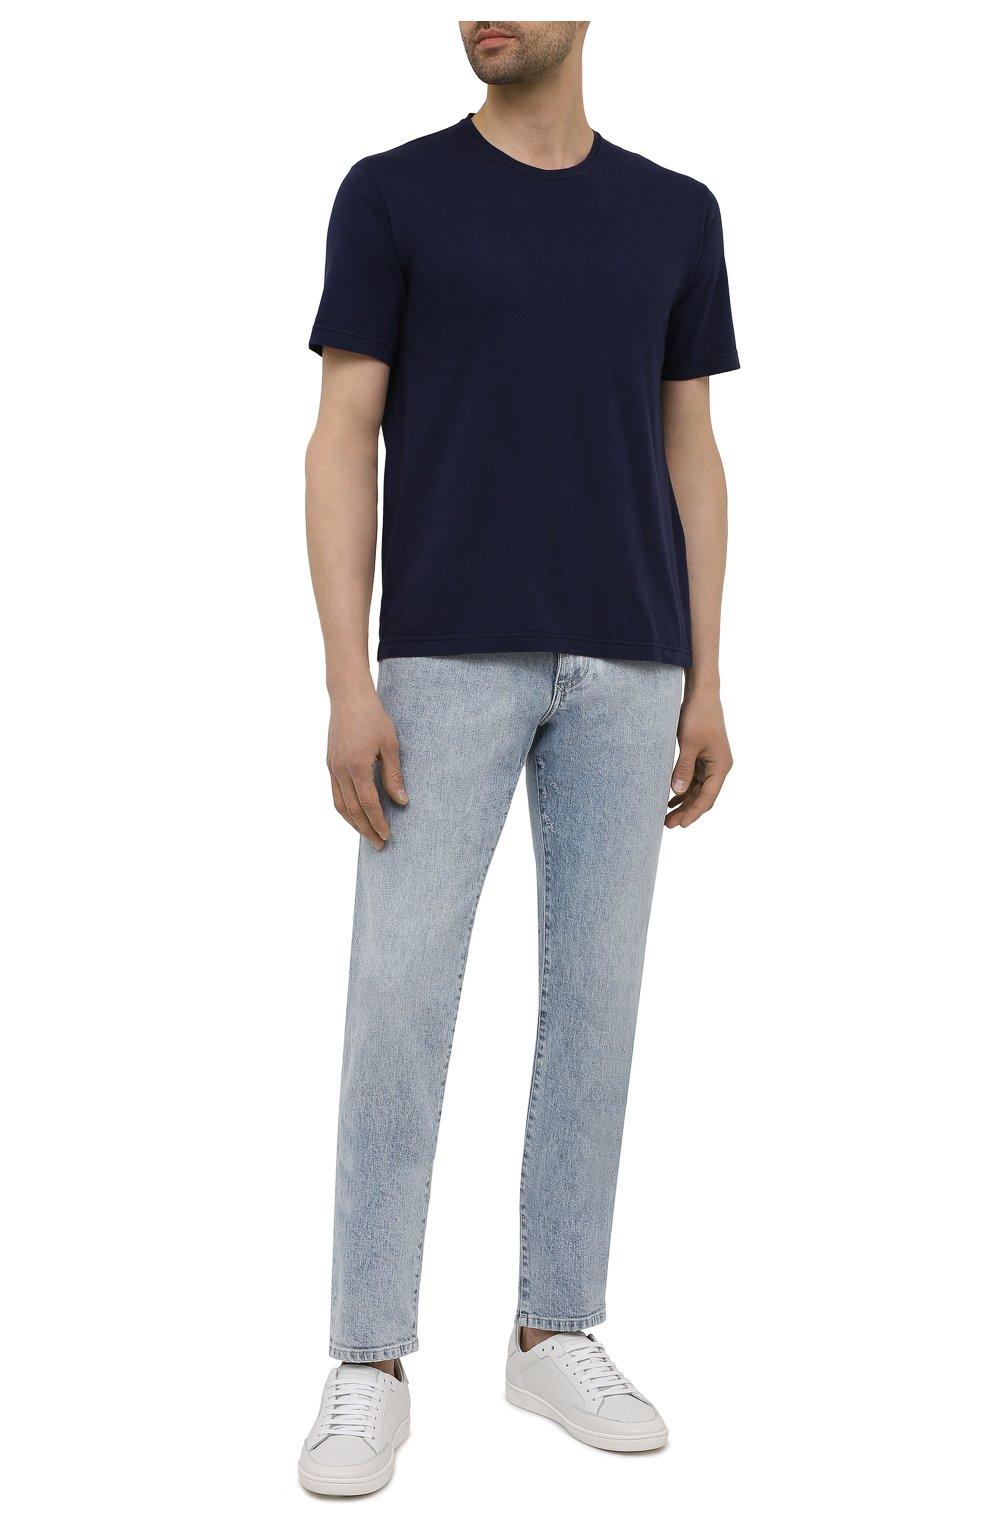 Мужская хлопковая футболка ASPESI темно-синего цвета, арт. S1 A 3107 C089 | Фото 2 (Принт: Без принта; Рукава: Короткие; Длина (для топов): Стандартные; Материал внешний: Хлопок; Стили: Кэжуэл)